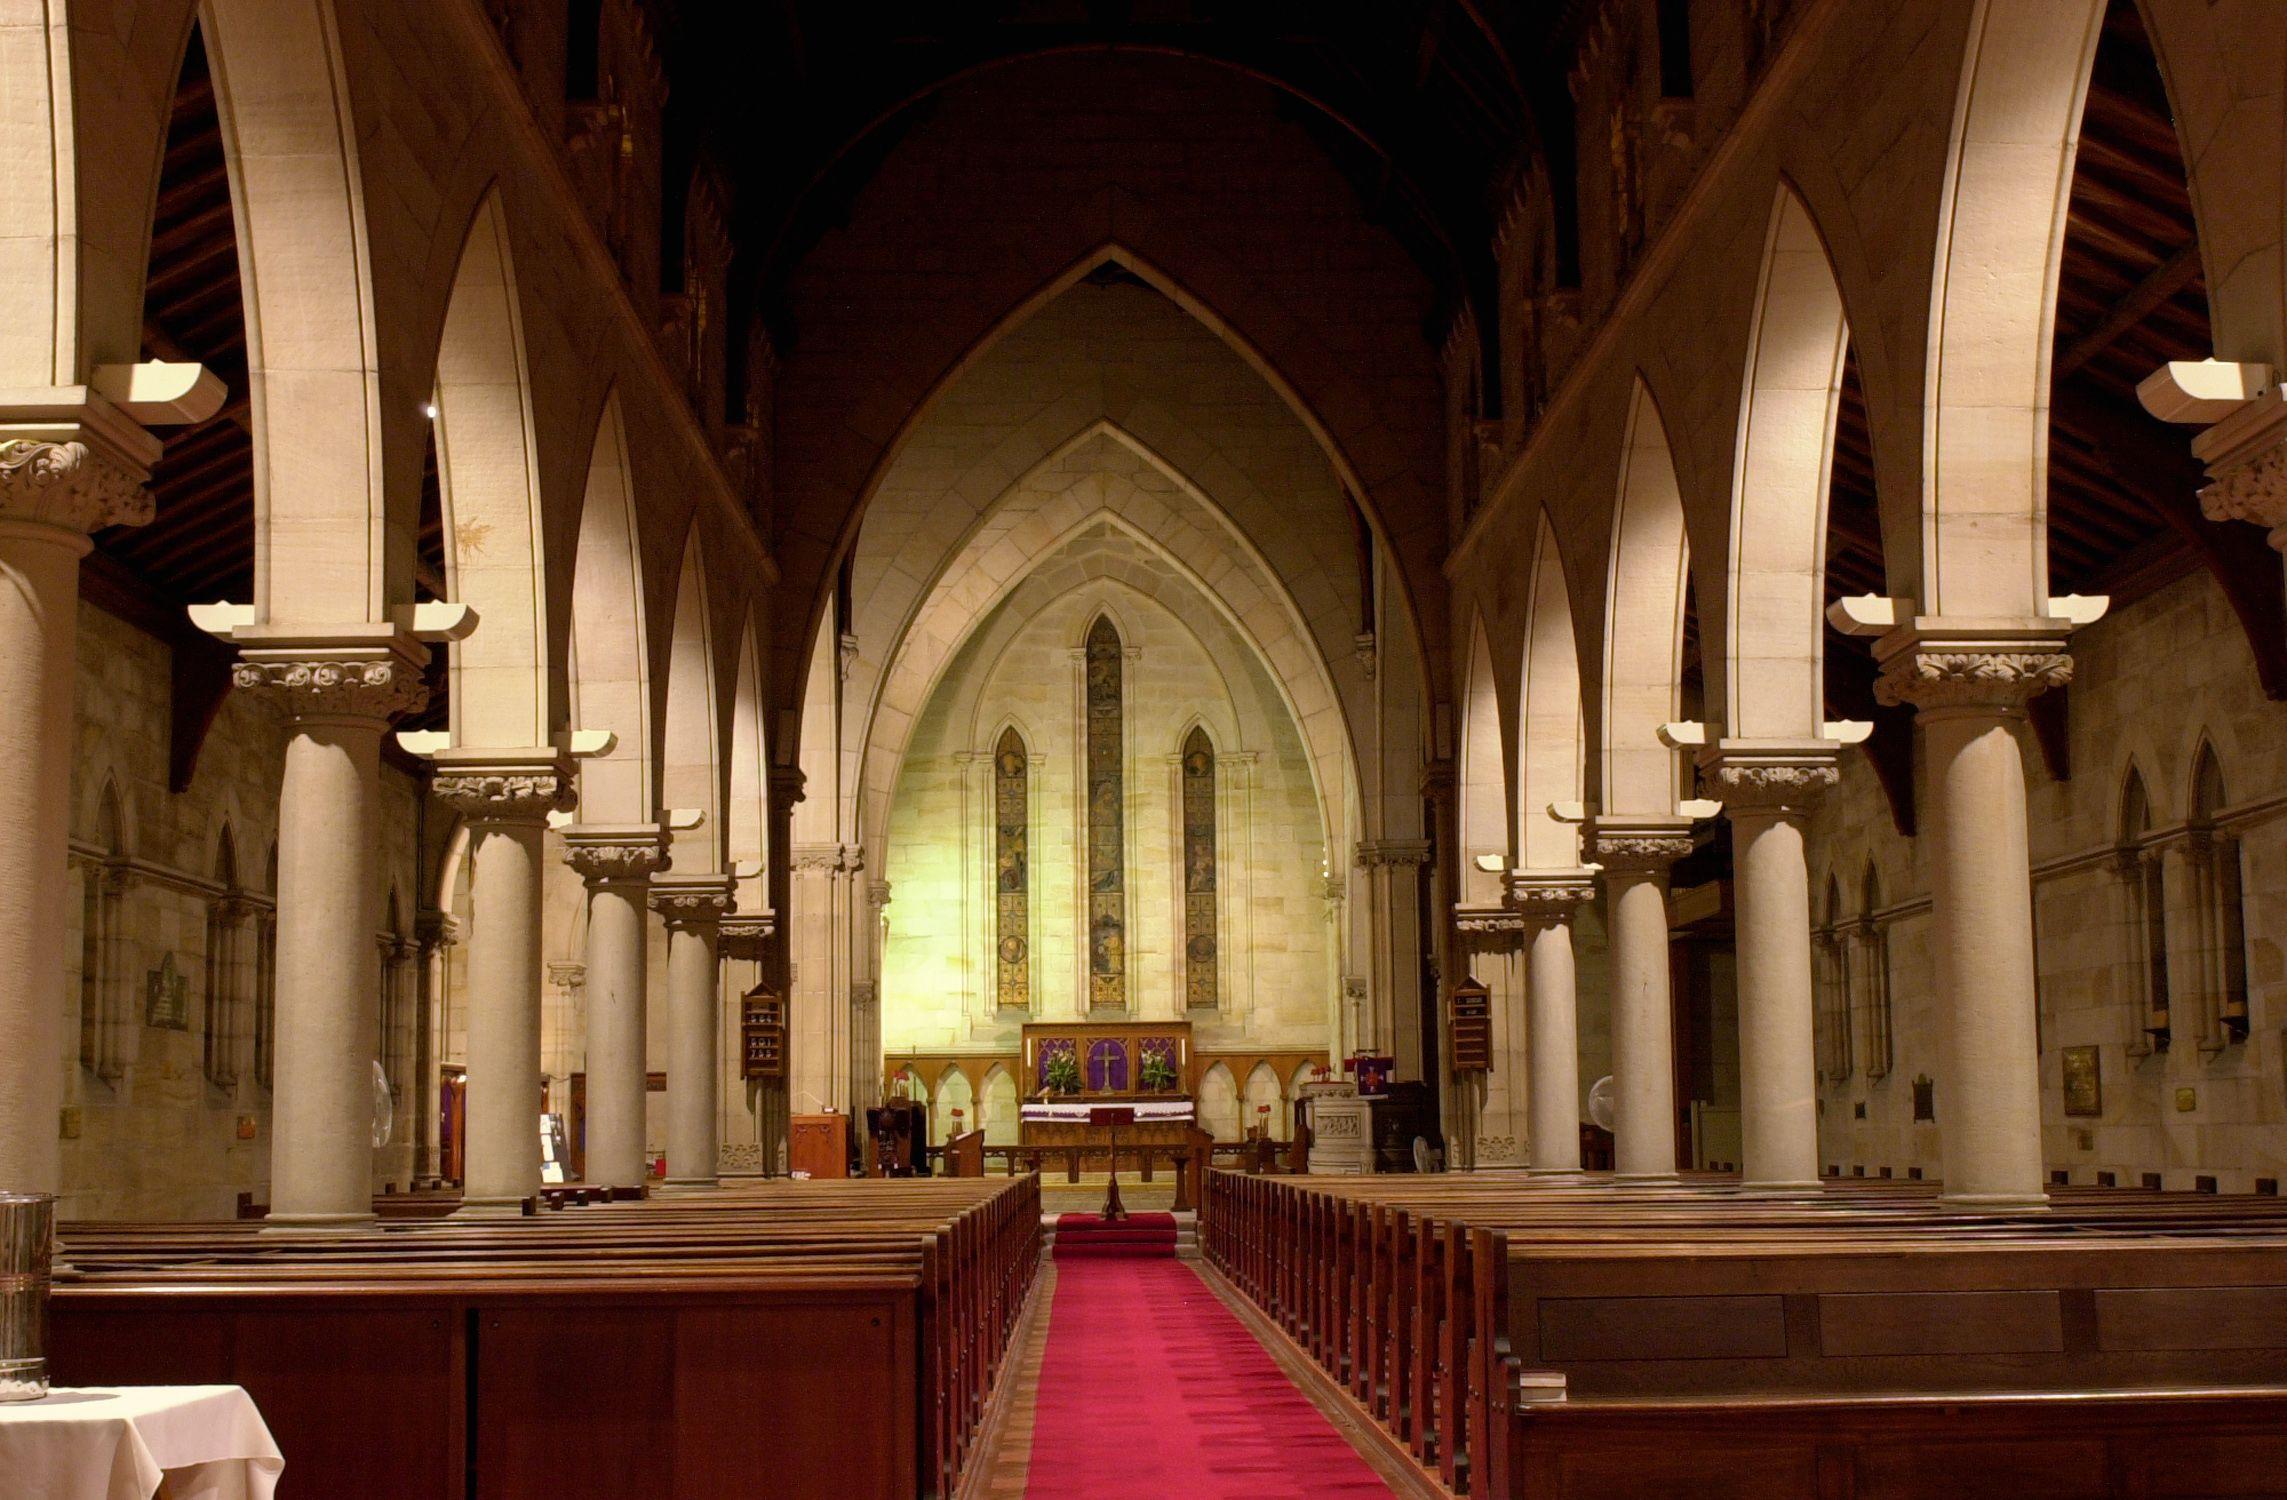 st thomas church north sydney - Google Search | Wedding ...